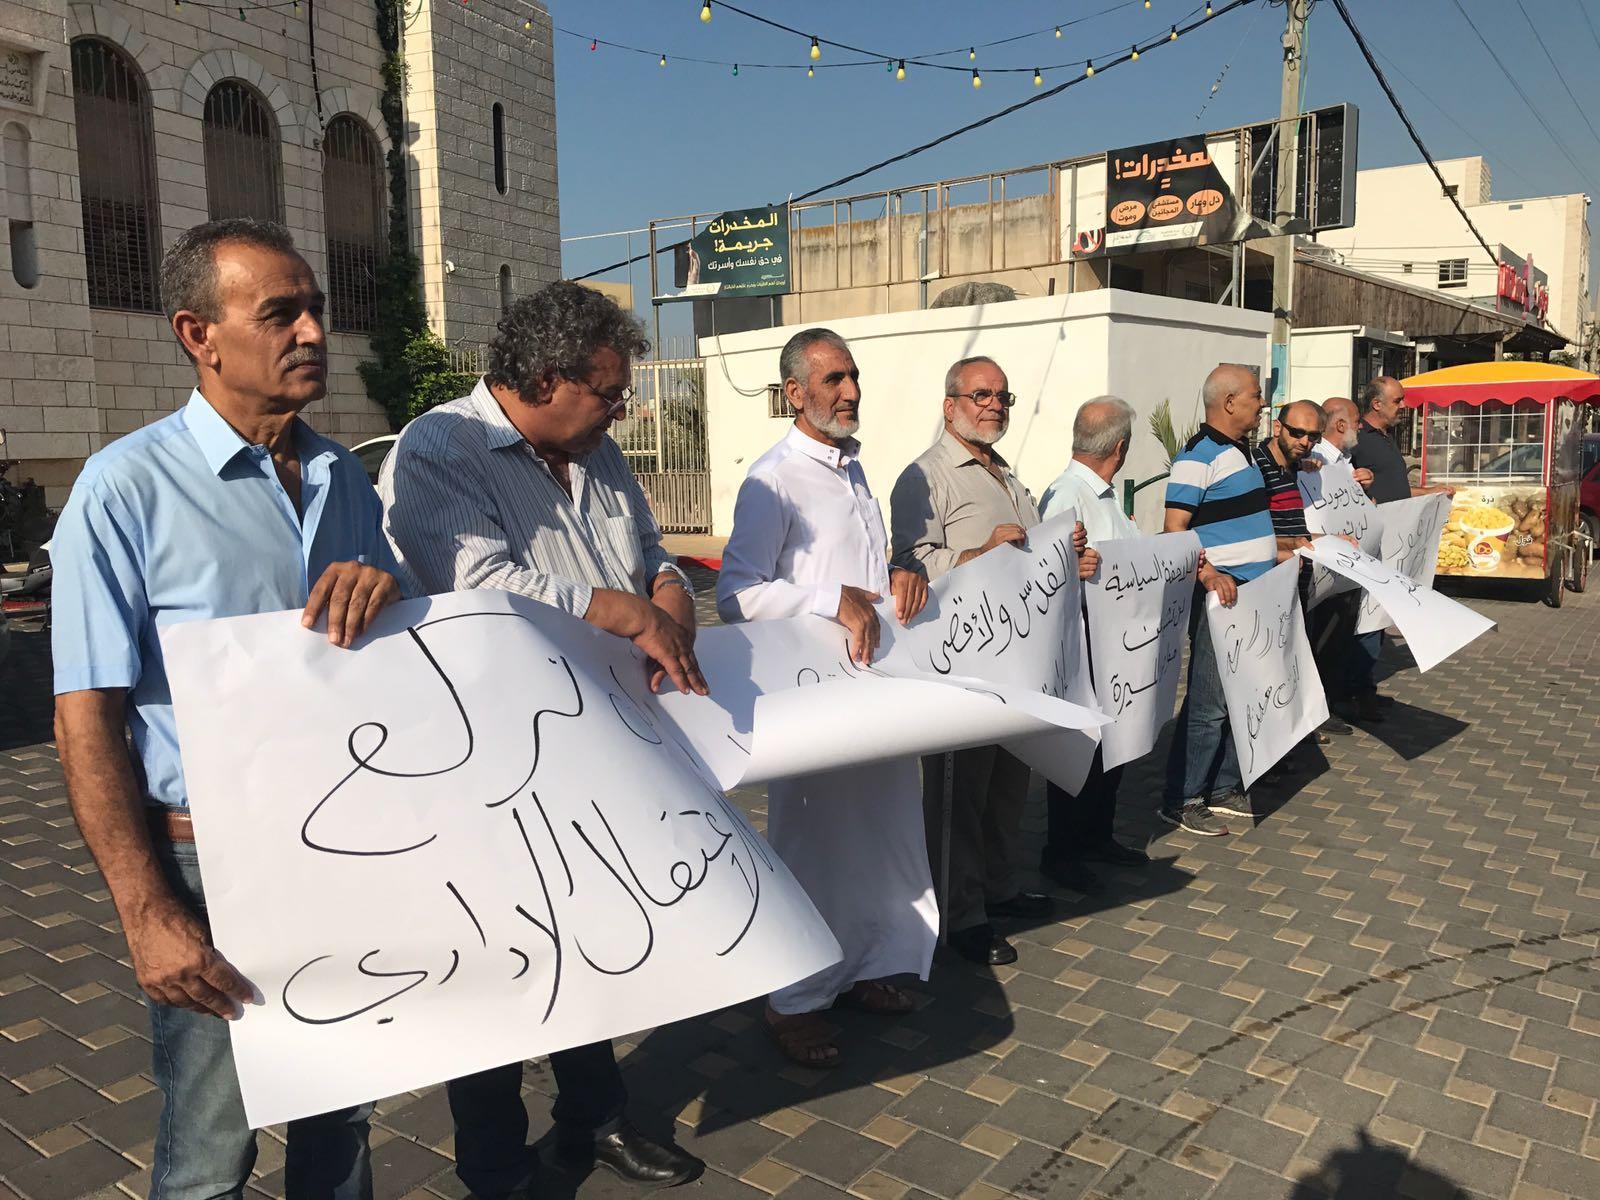 البلدات العربية تتظاهر ضد الملاحقات السياسية